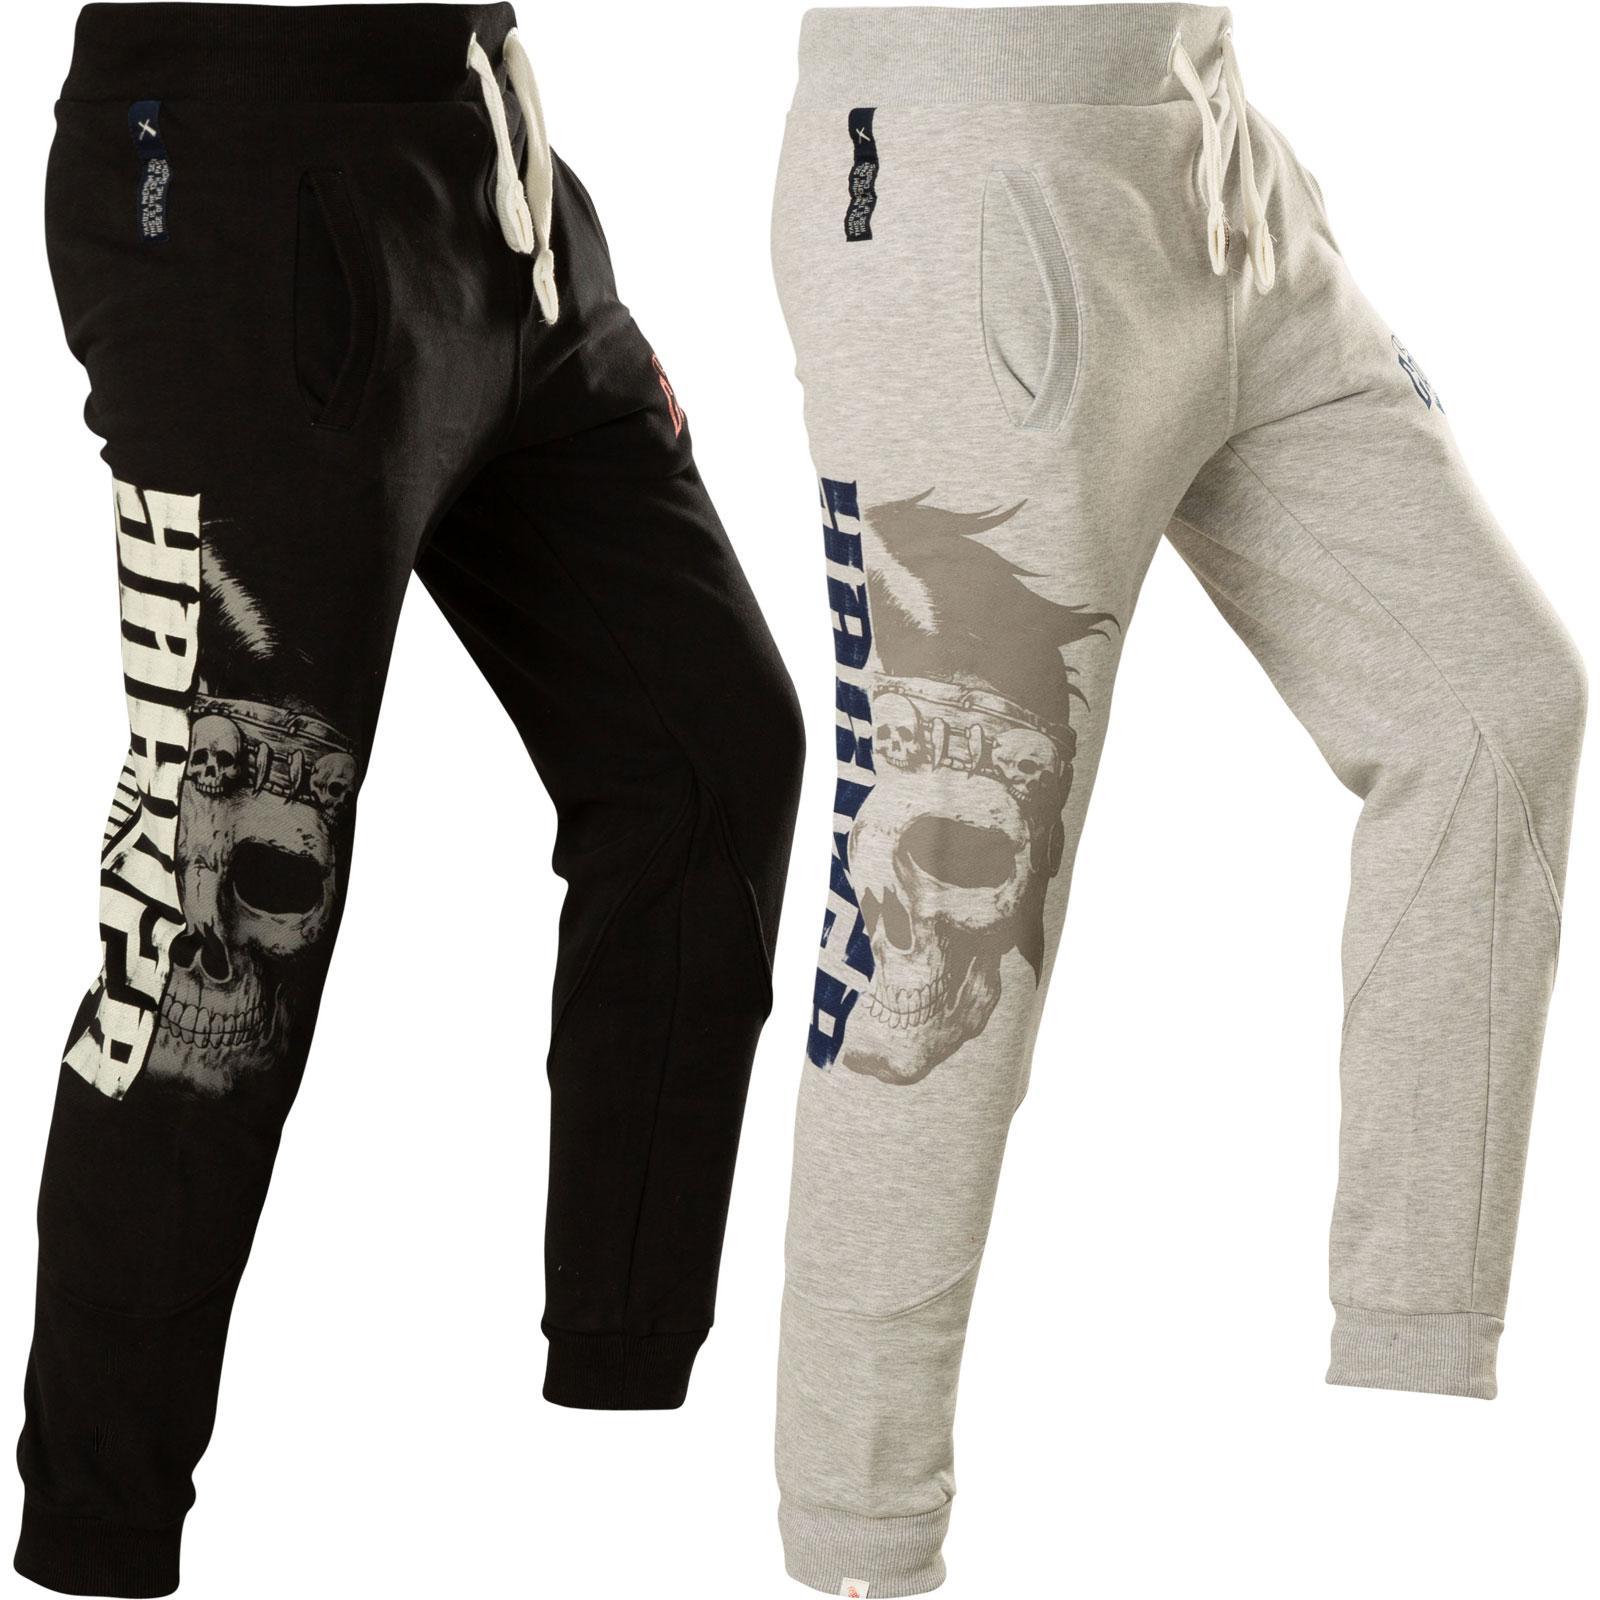 YAKUZA PREMIUM Jogginghose YPJO-2529 Schwarz Sweatpants Herren